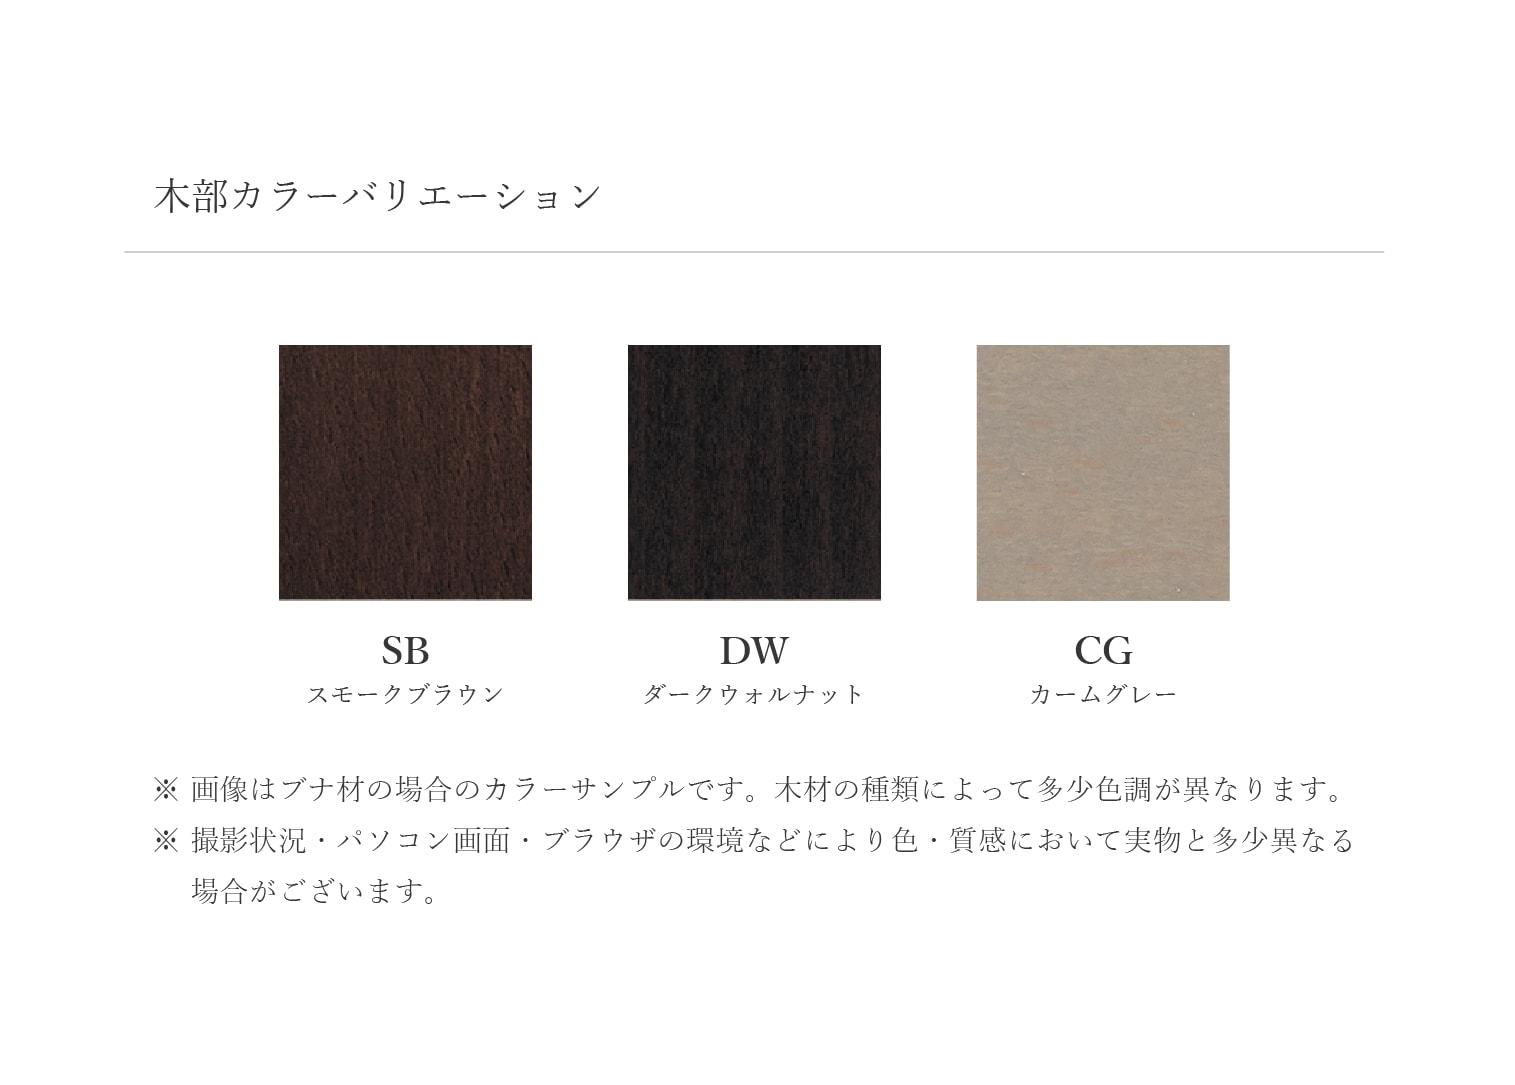 VT-131 木部カラー